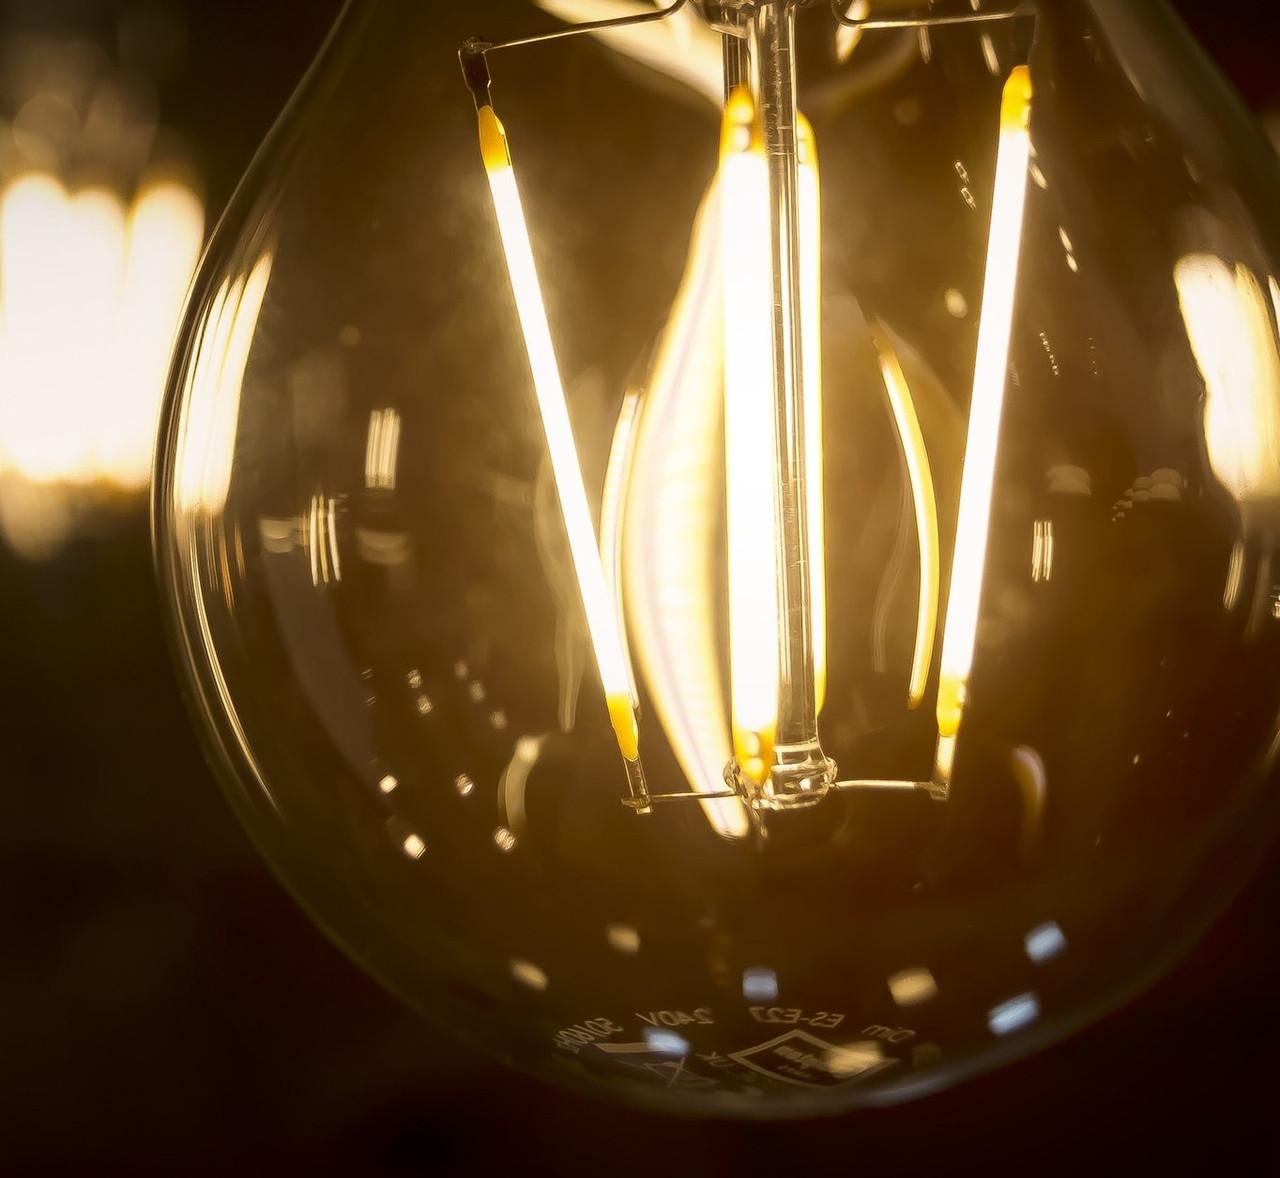 LED Dimmable A60 4000K Light Bulbs